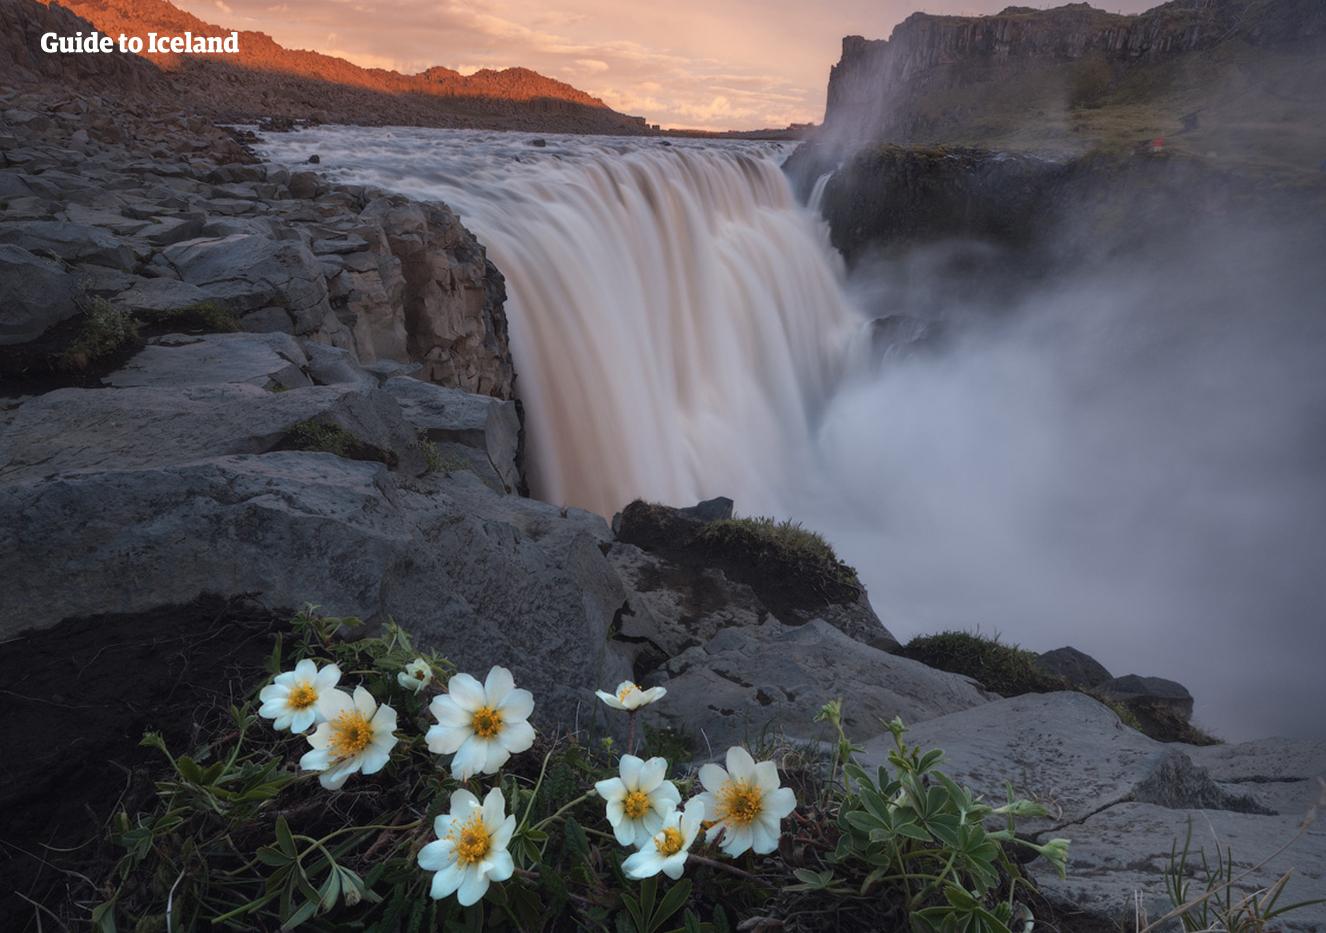 Der stärkste Wasserfall des Landes ist Dettifoss im Norden Islands